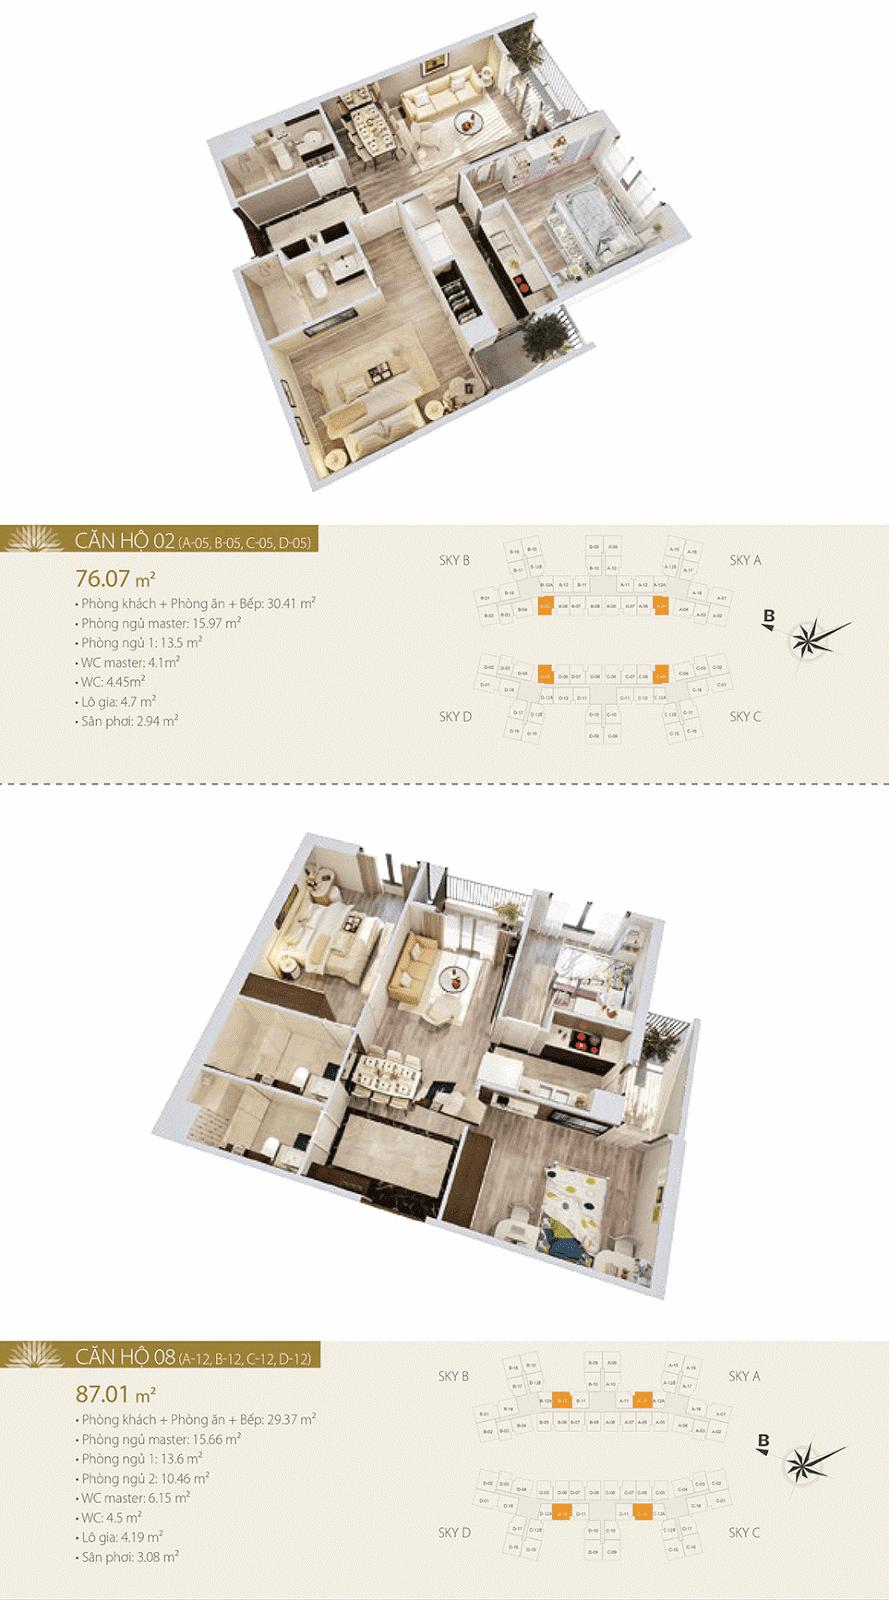 Mặt bằng chi tiết căn hộ 02 và 08 dự án Imperia Sky Garden